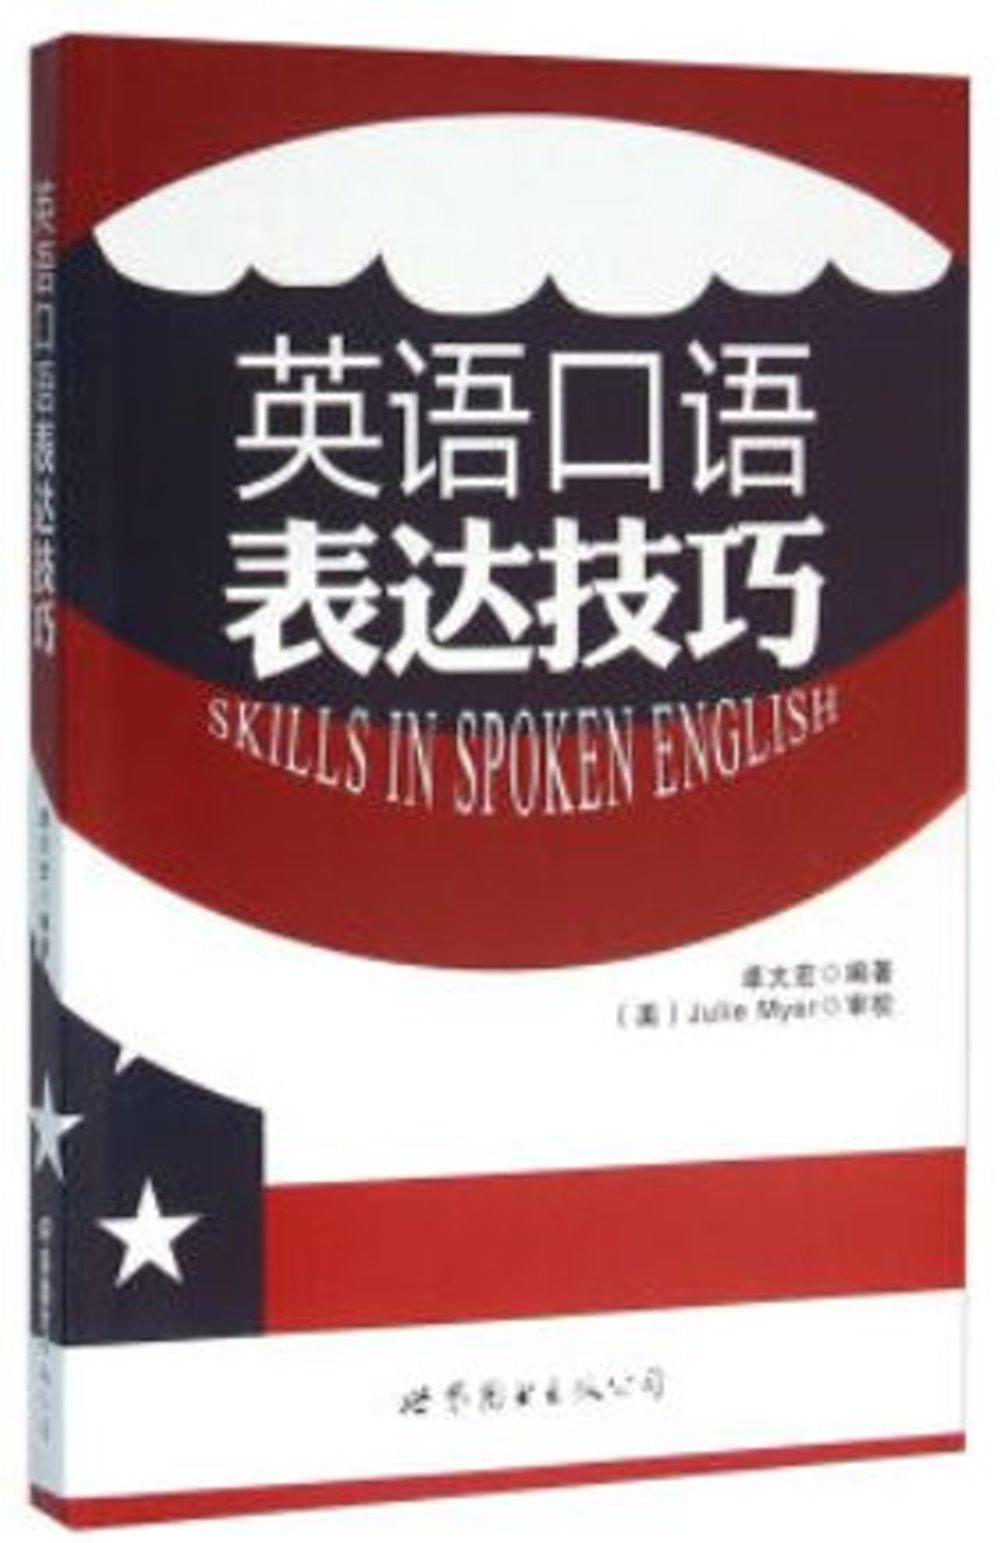 英語口語表達技巧